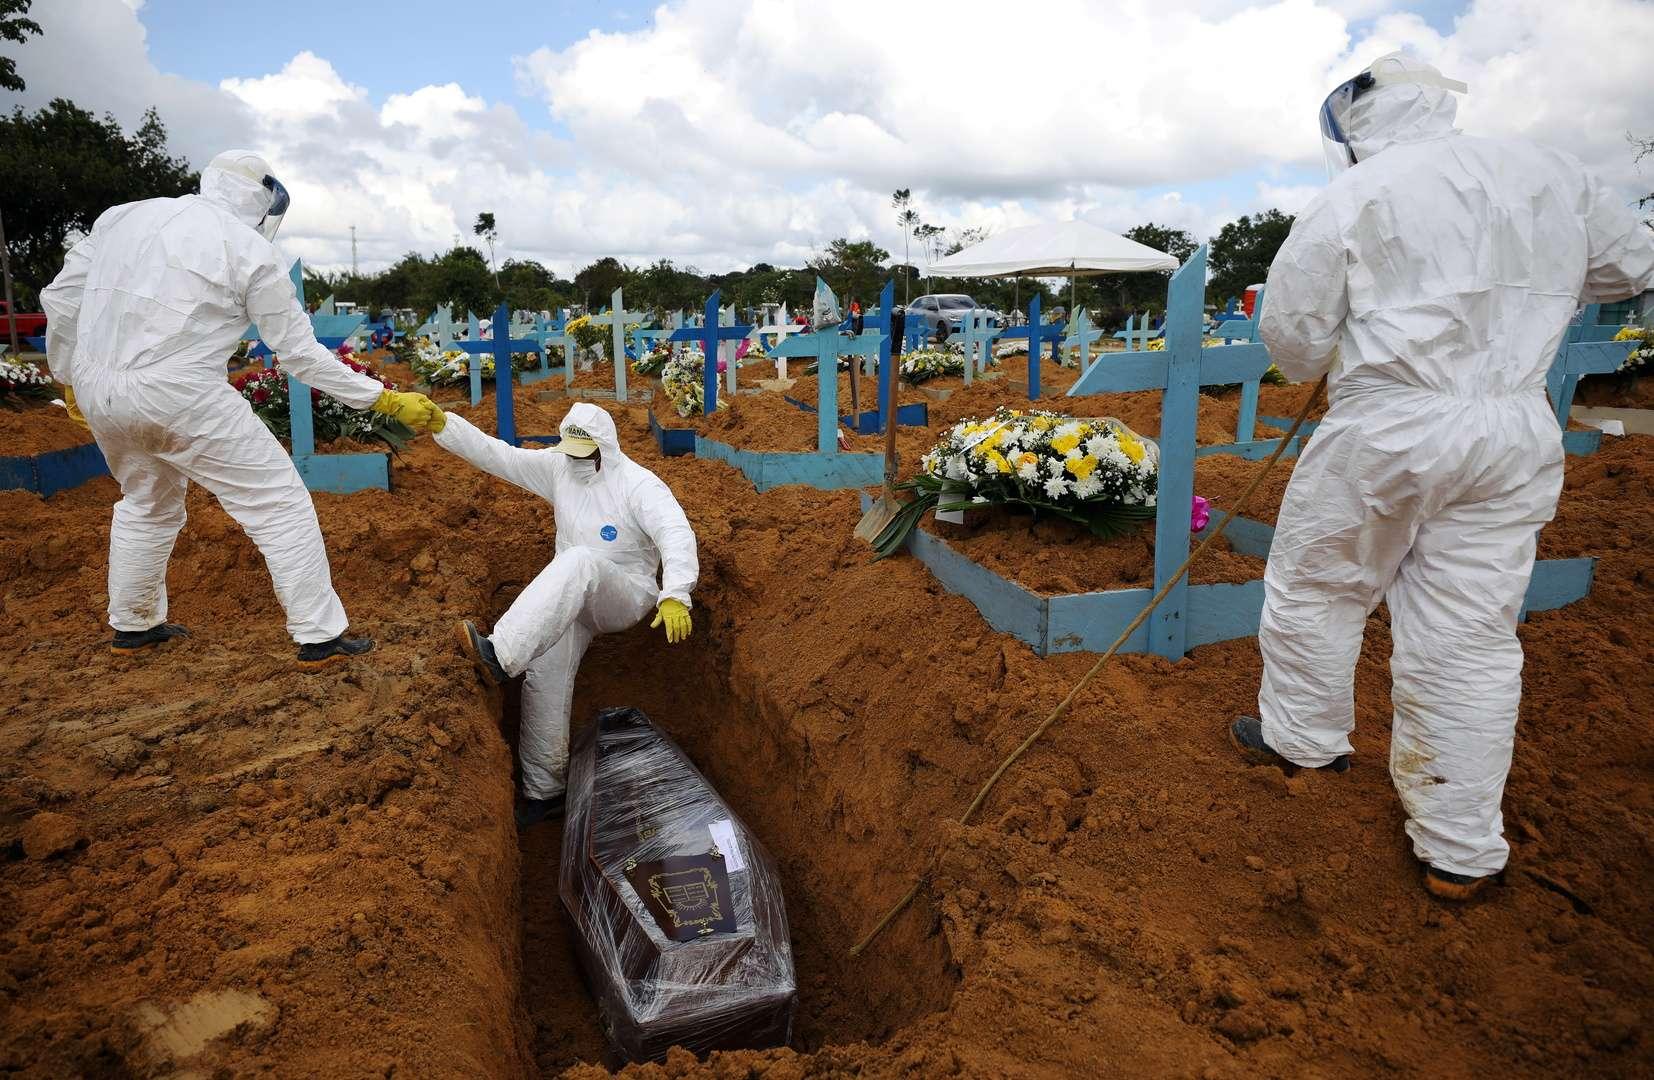 البرازيل تواجه موجة خطرة من كورونا, صحيفة عربية في بوسطن-أمريكا-بروفايل نيوز